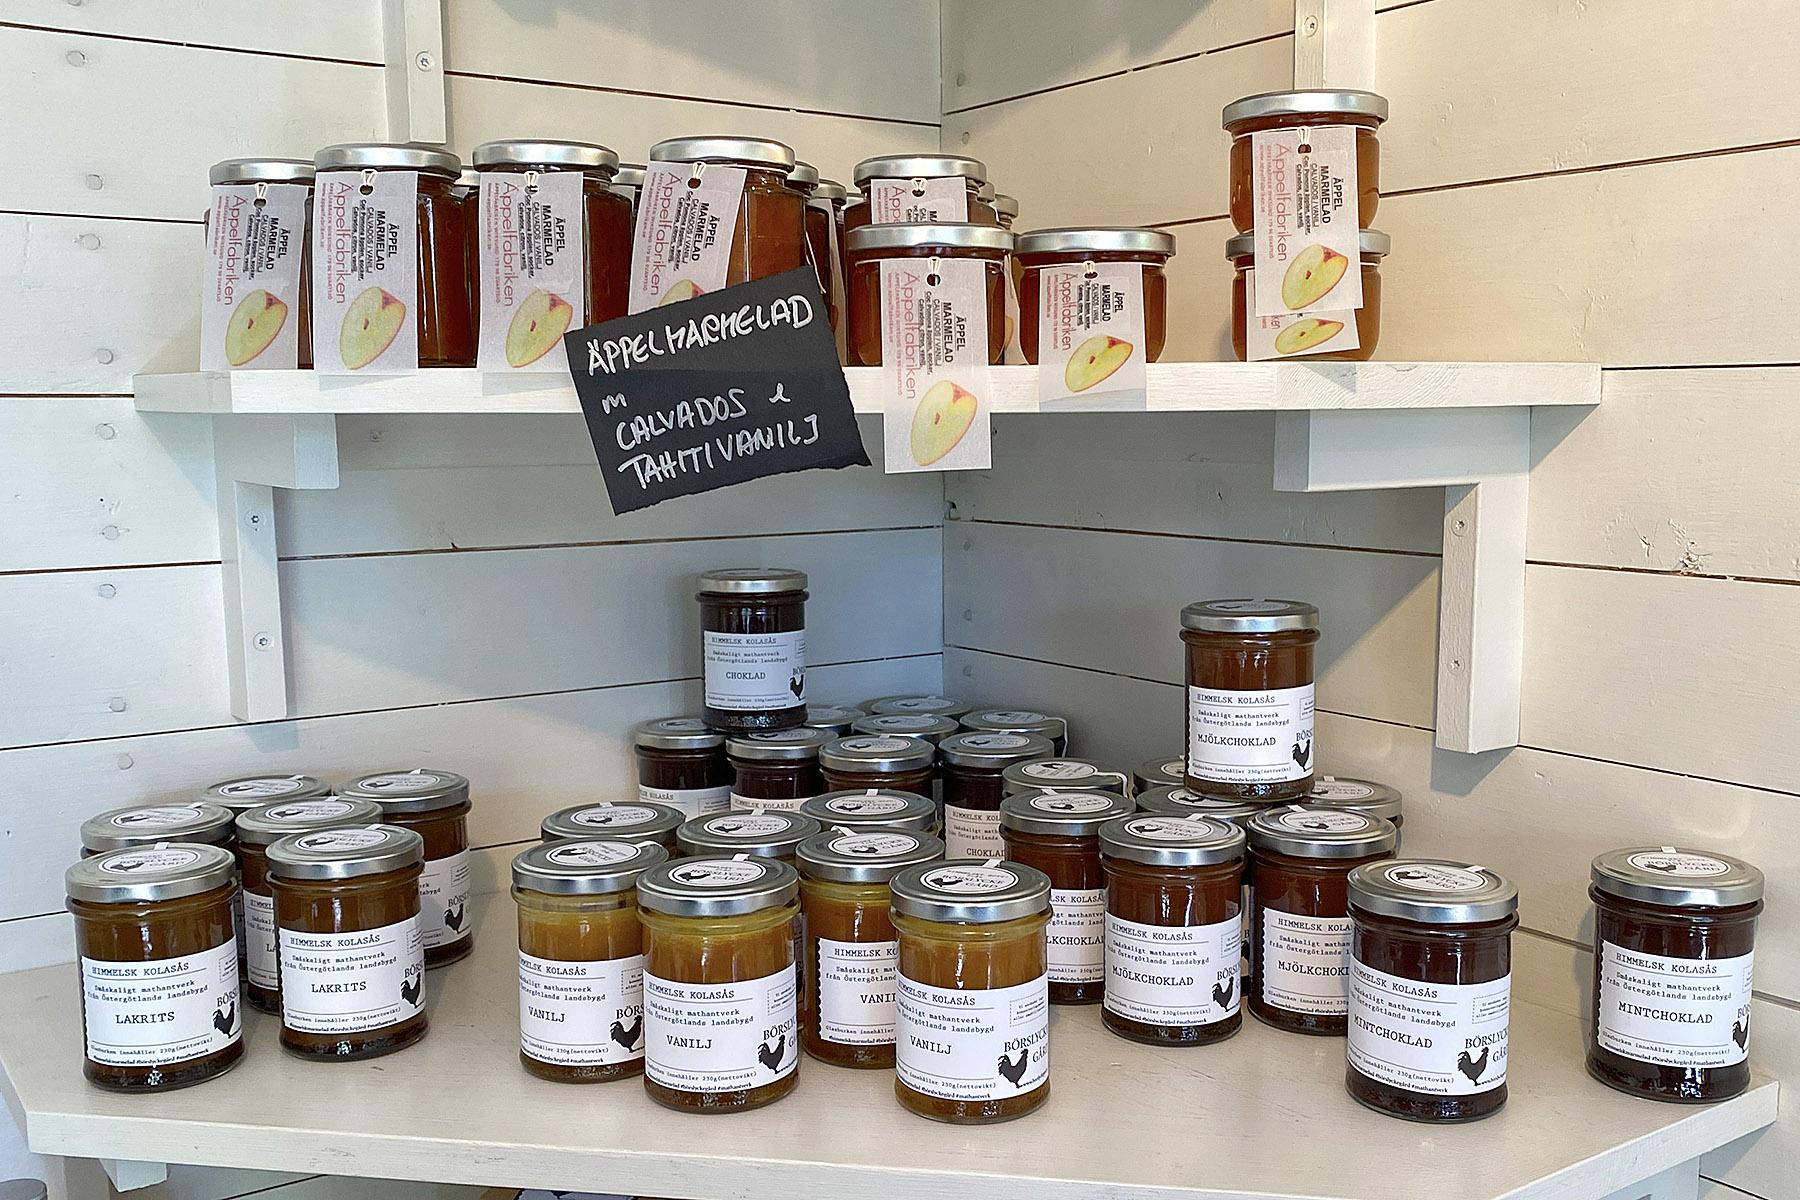 Äppelfabriken marmelad